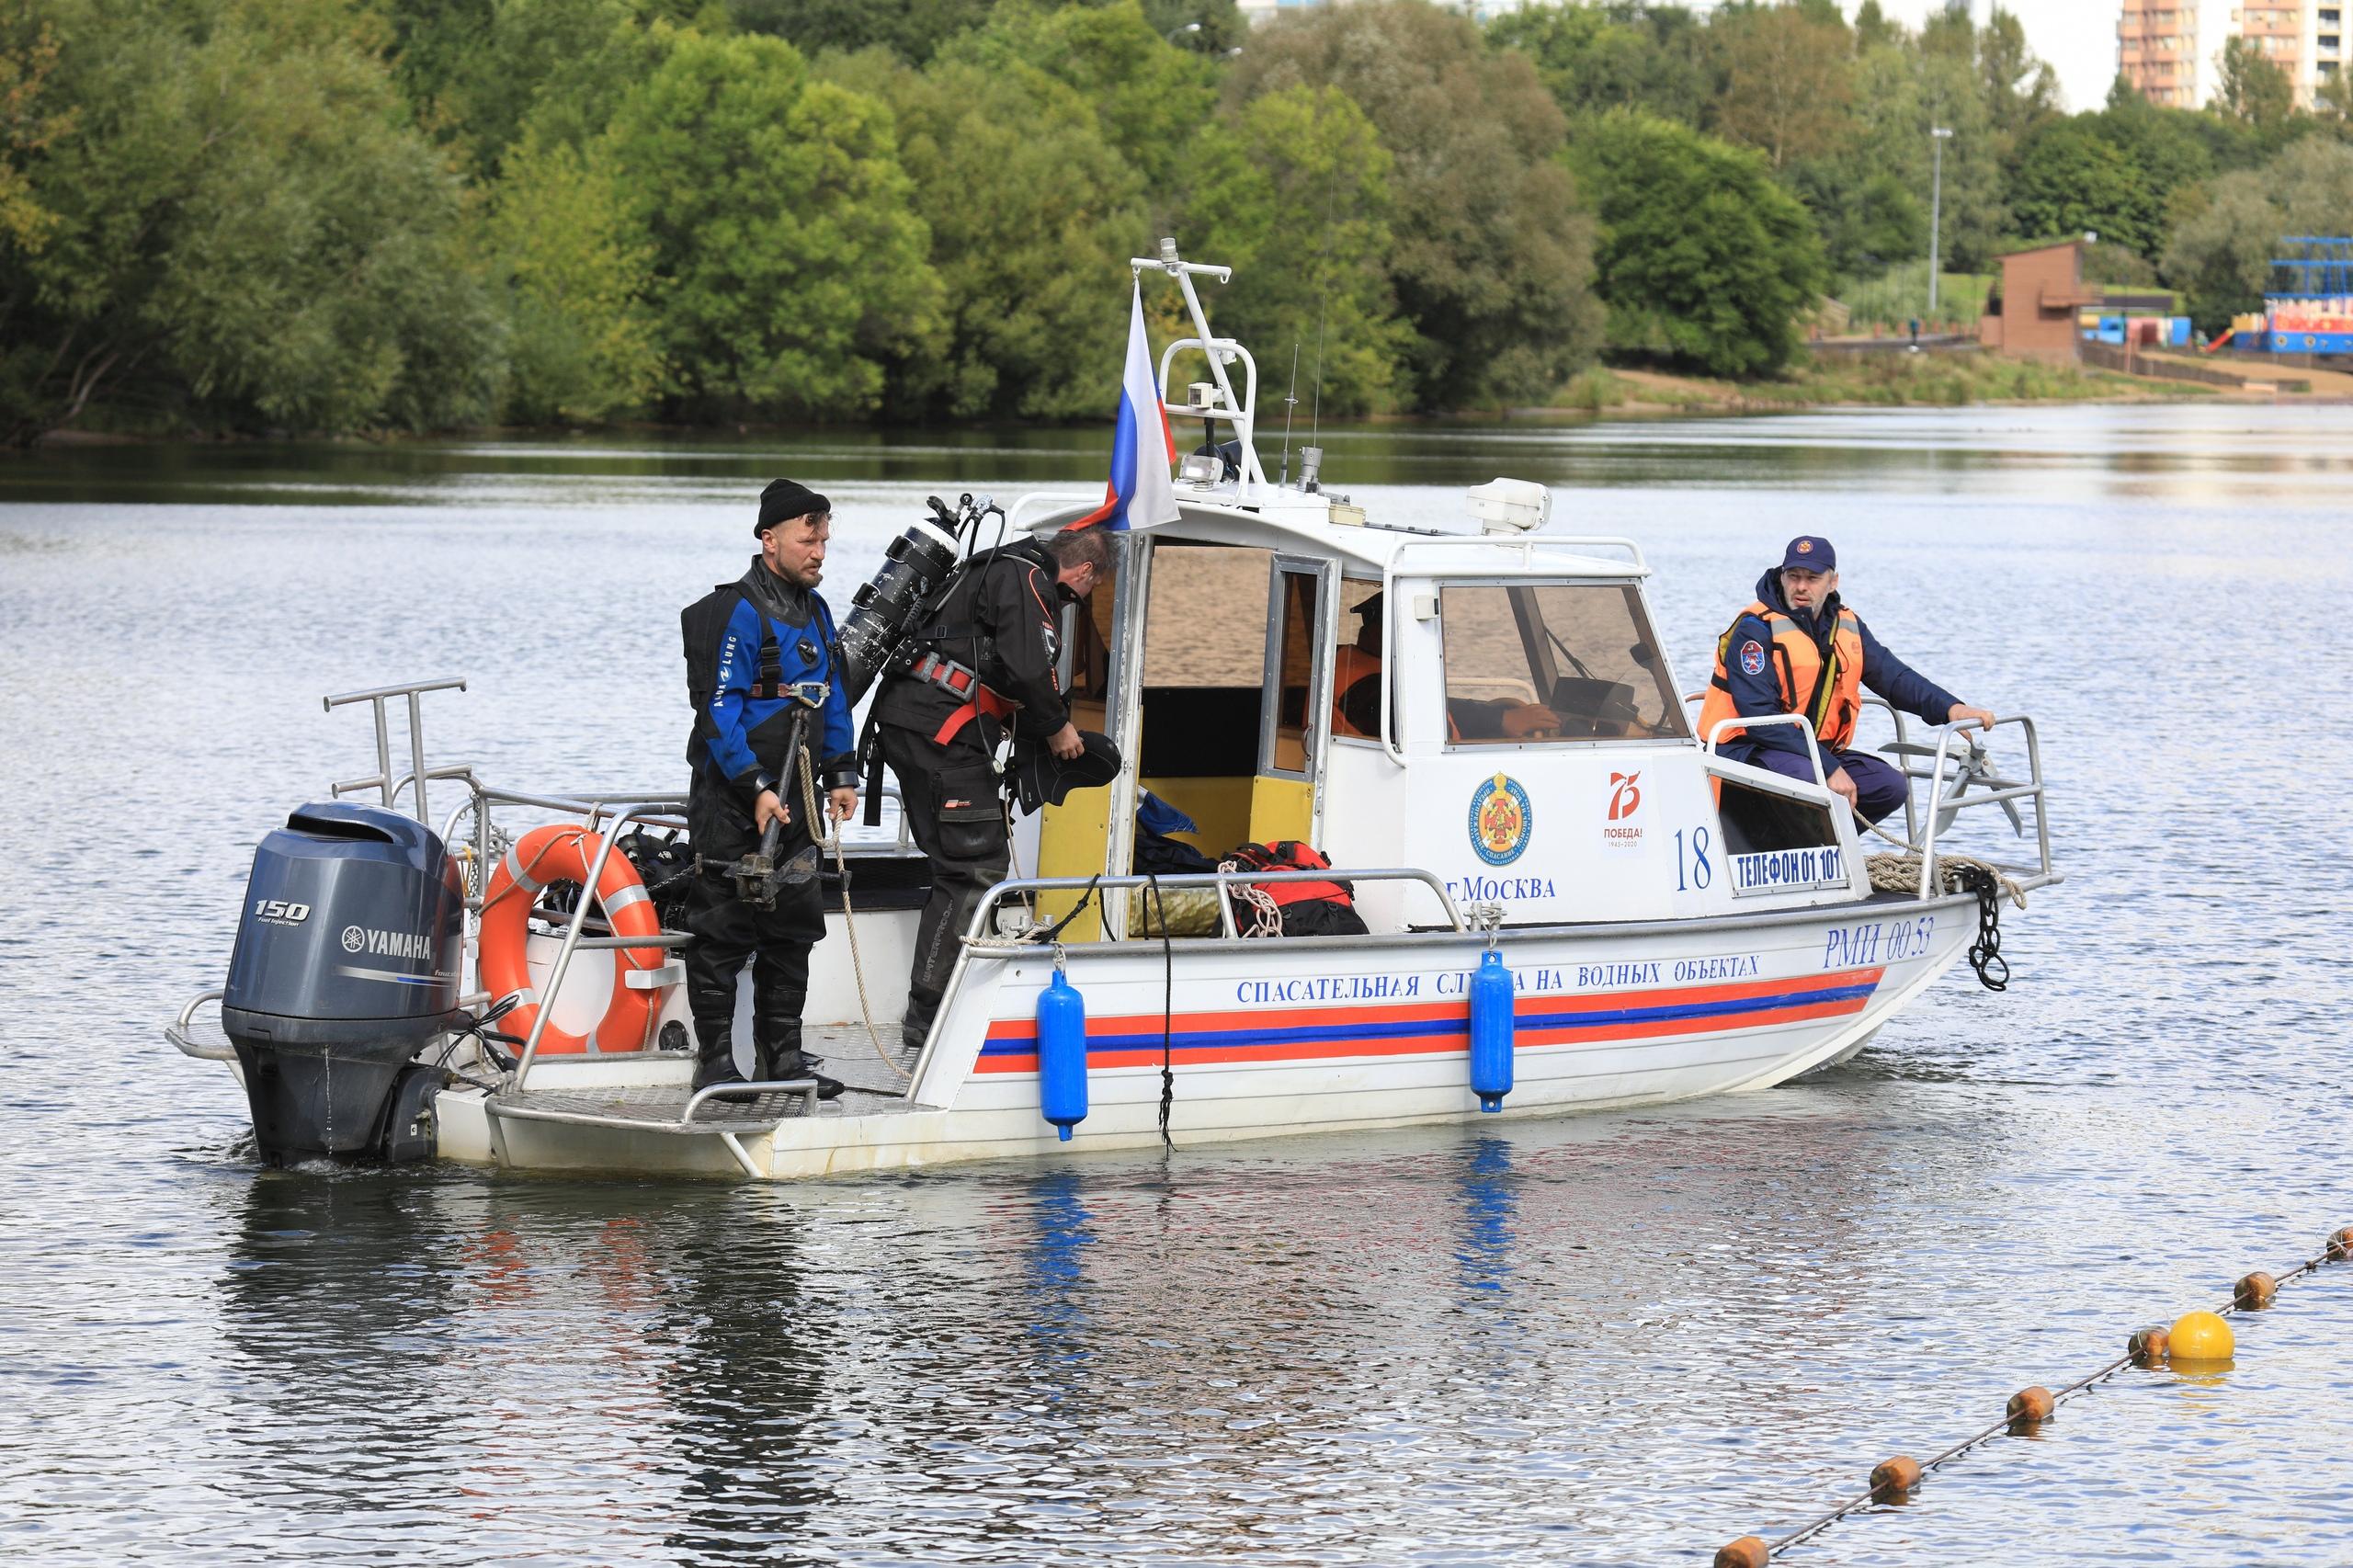 Московская городская поисково-спасательная служба готовится к обеспечению безопасности на водных объектах в зимний